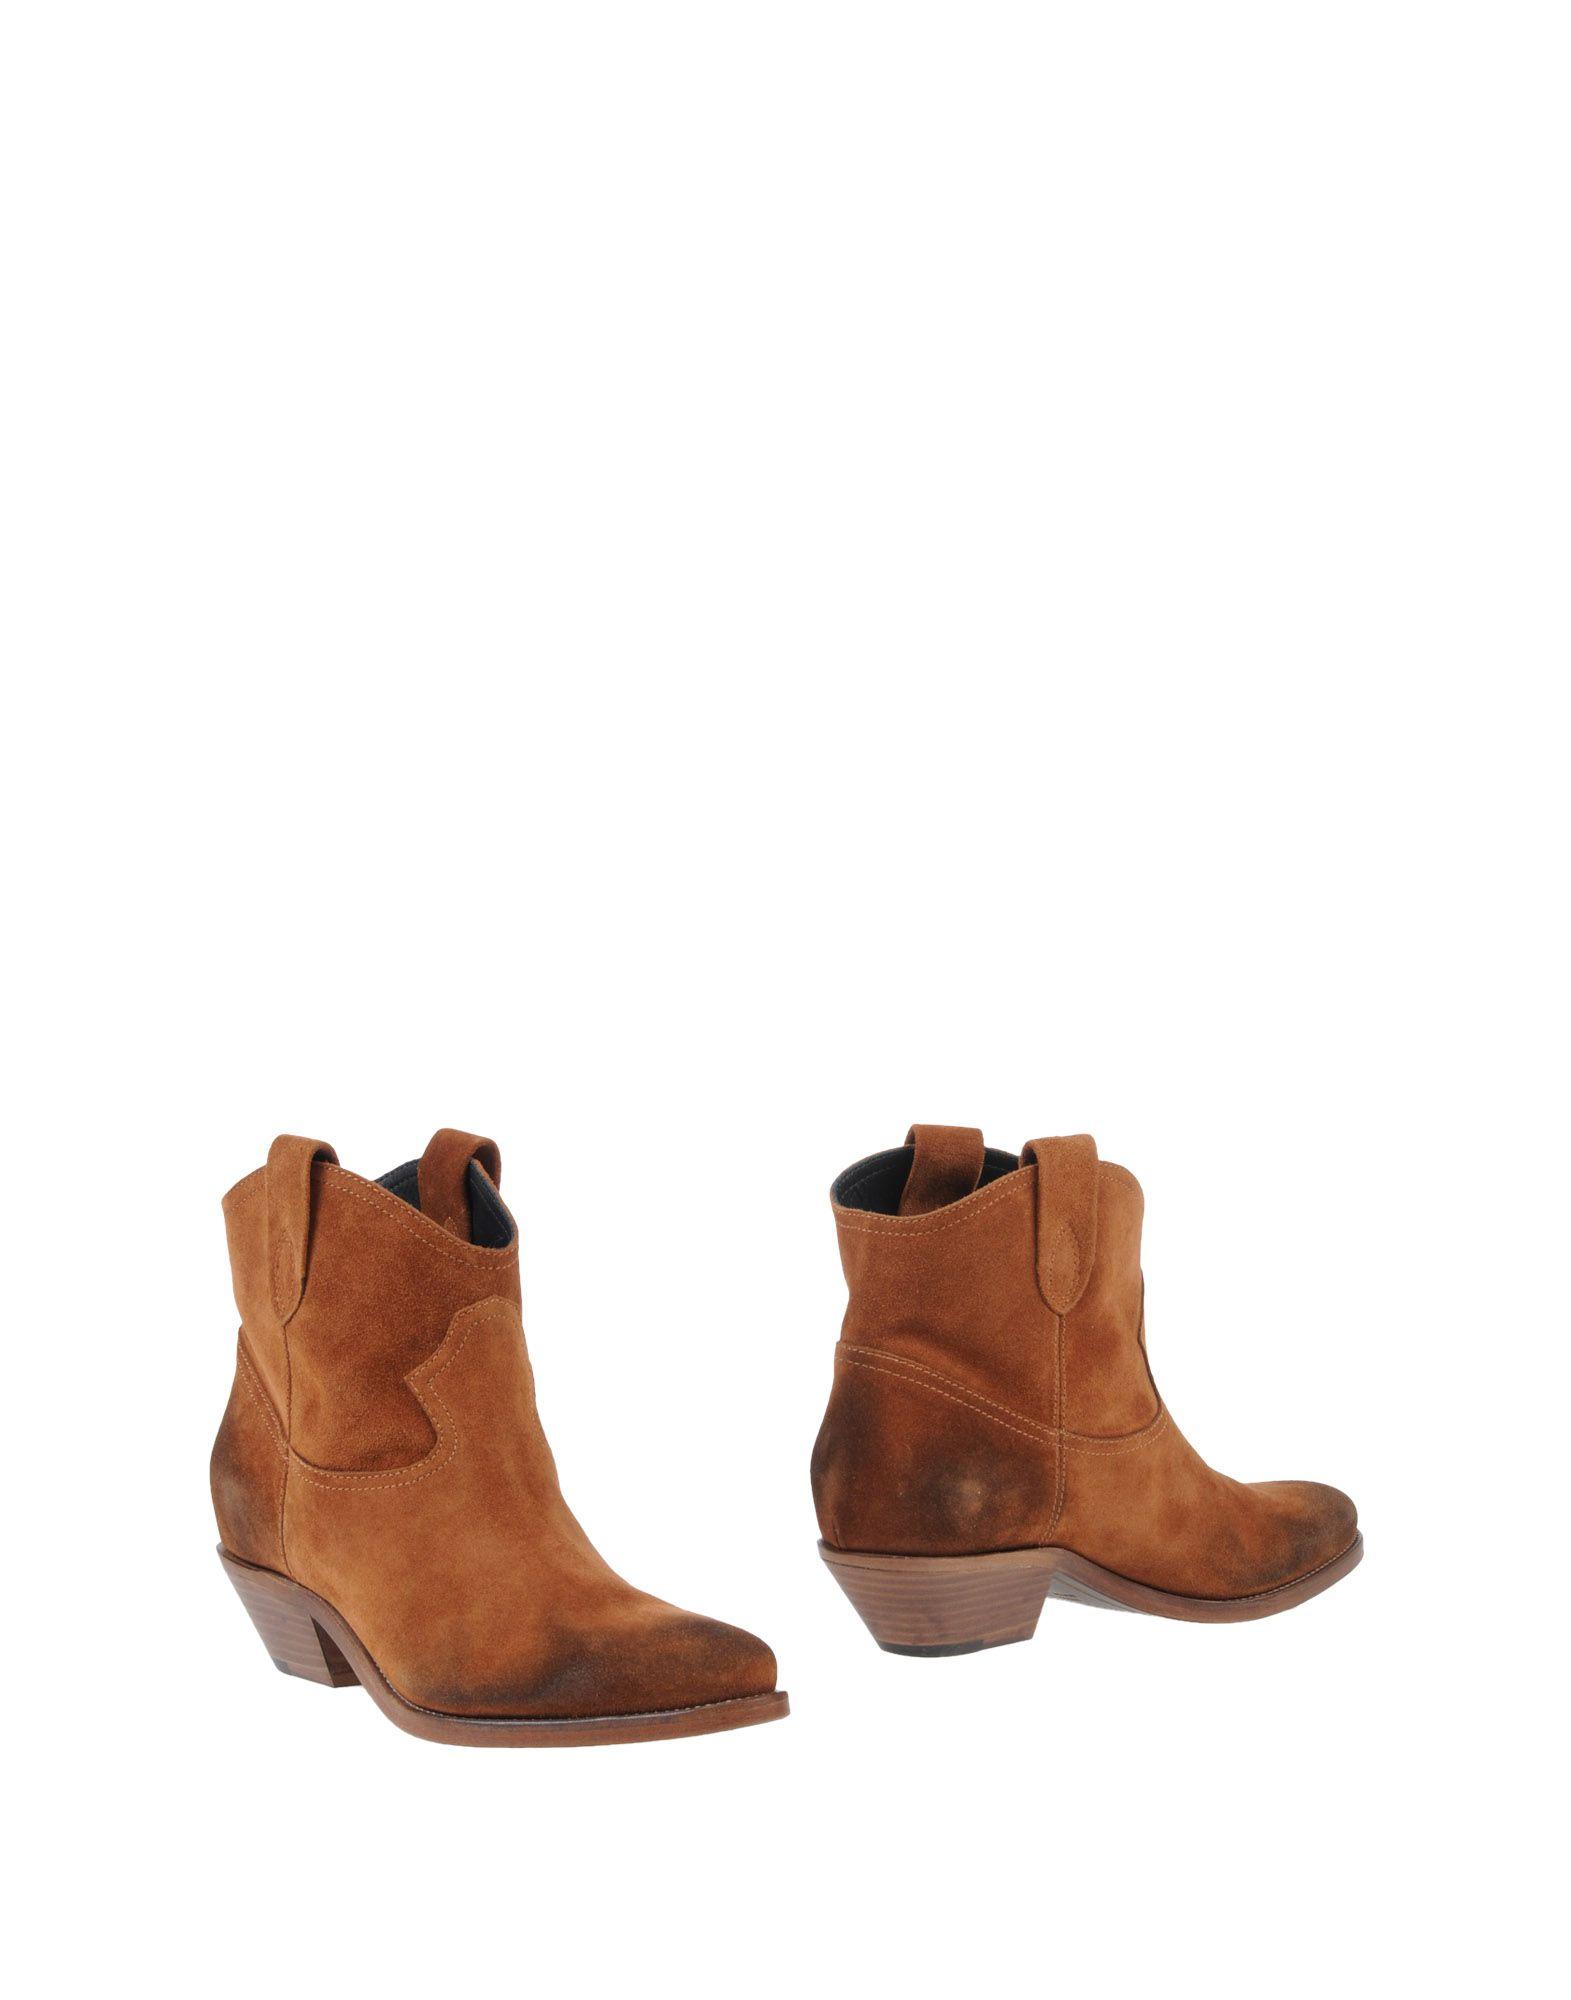 Erika Cavallini Stiefelette Damen  11398985OX Gute Qualität beliebte Schuhe